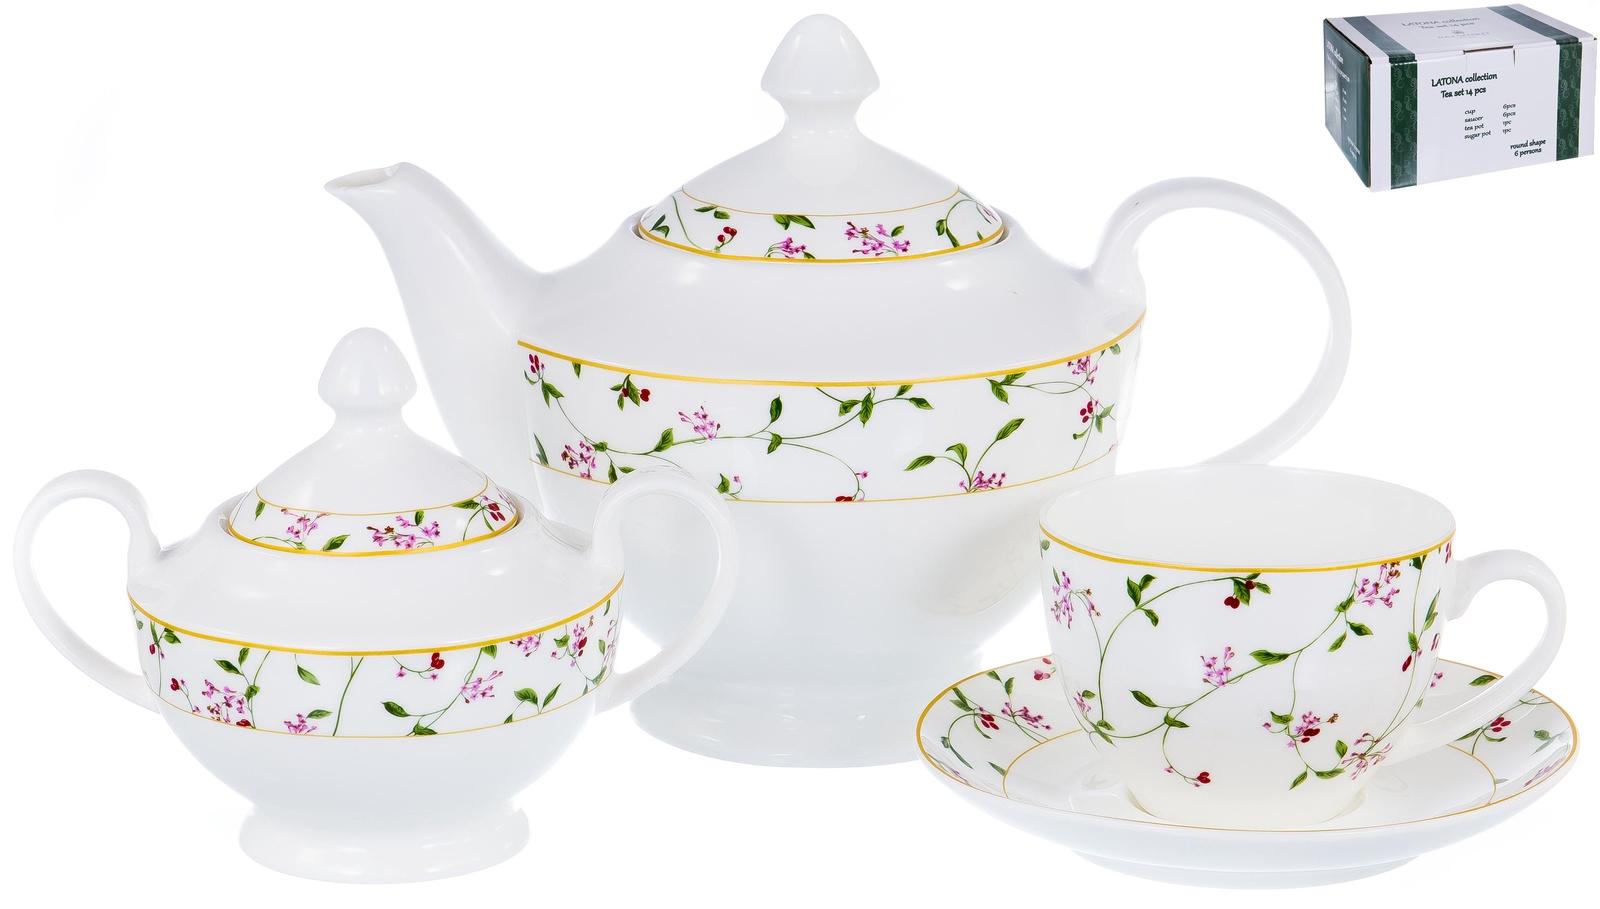 Набор чайный ЛАТОНА, серия Великолепный день, 6 чашек 300мл, 6 блюдец , чайник 1200мл с крышкой, сахарница 470 мл с крышкой, NEW BONE CHINA, декор - цветочный орнамент, цветная упаковка,ТМ Balsford, артикул 104-03013 стоимость